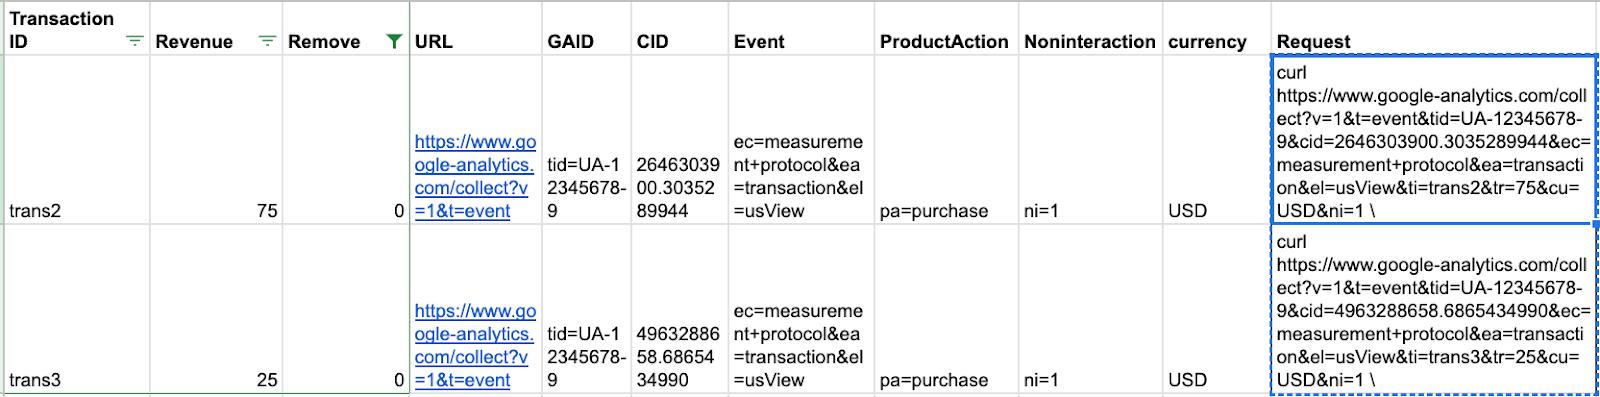 foglio di calcolo con i dati della richiesta di arricciatura per il caricamento del protocollo di misurazione.